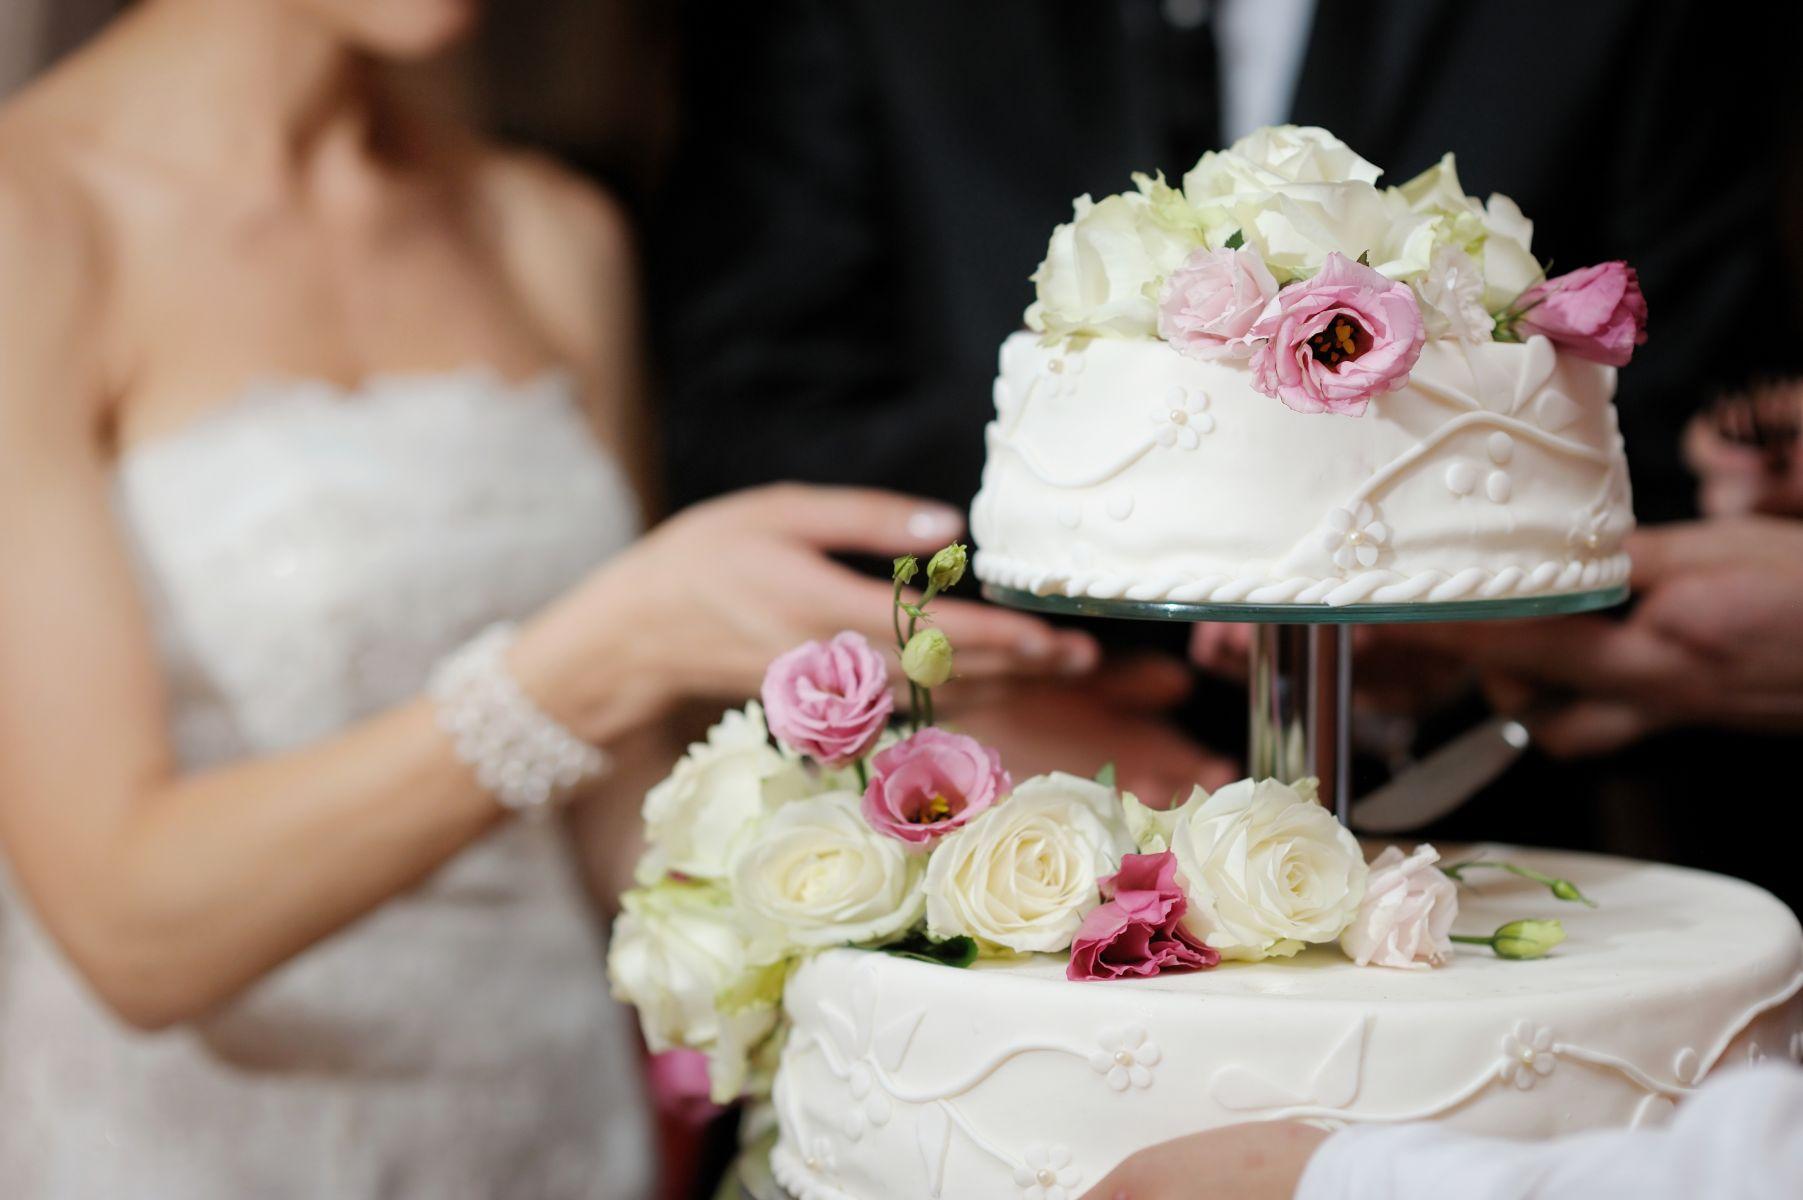 婚禮禮金要包多少?紅包行情表看這裡